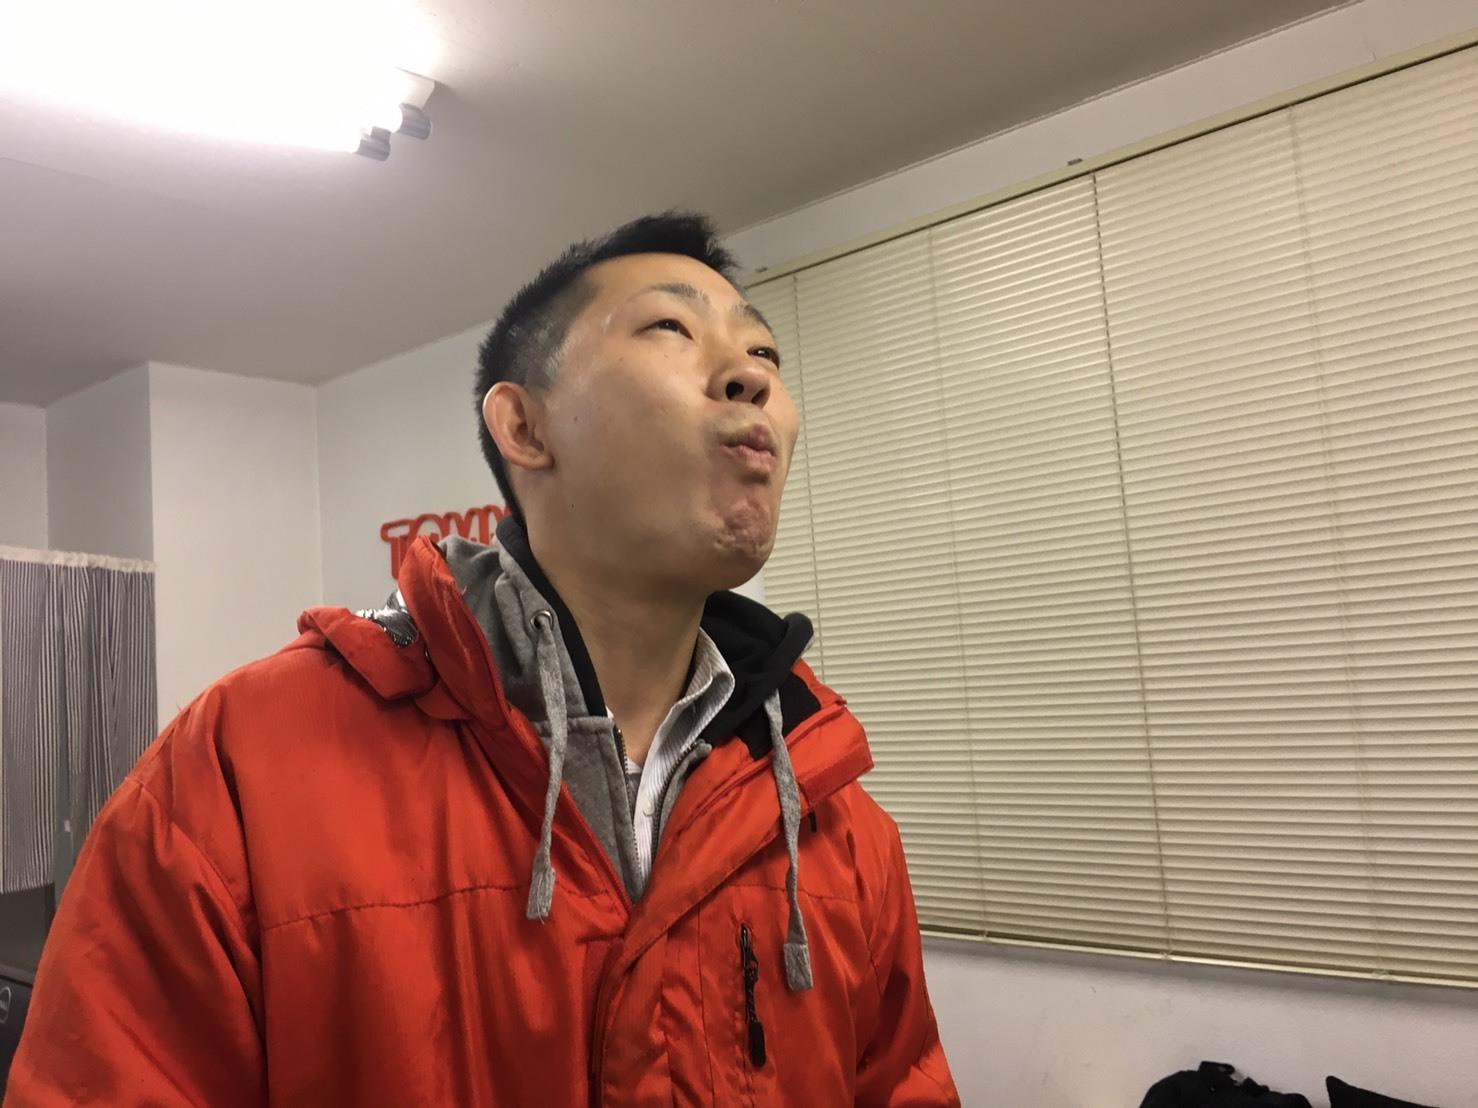 11月9日(土)☆TOMMYアウトレット☆あゆブログ٩( ๑╹ ꇴ╹)۶ ウィッシュH様ご成約♪タイヤ交換殺到中!_b0127002_19170477.jpg